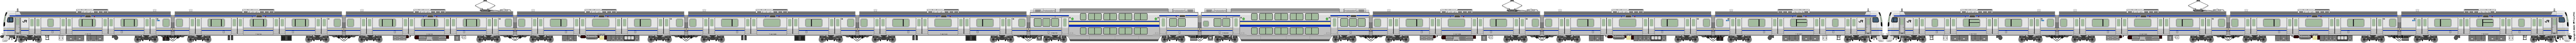 [5020] 東日本旅客鉄道 5020